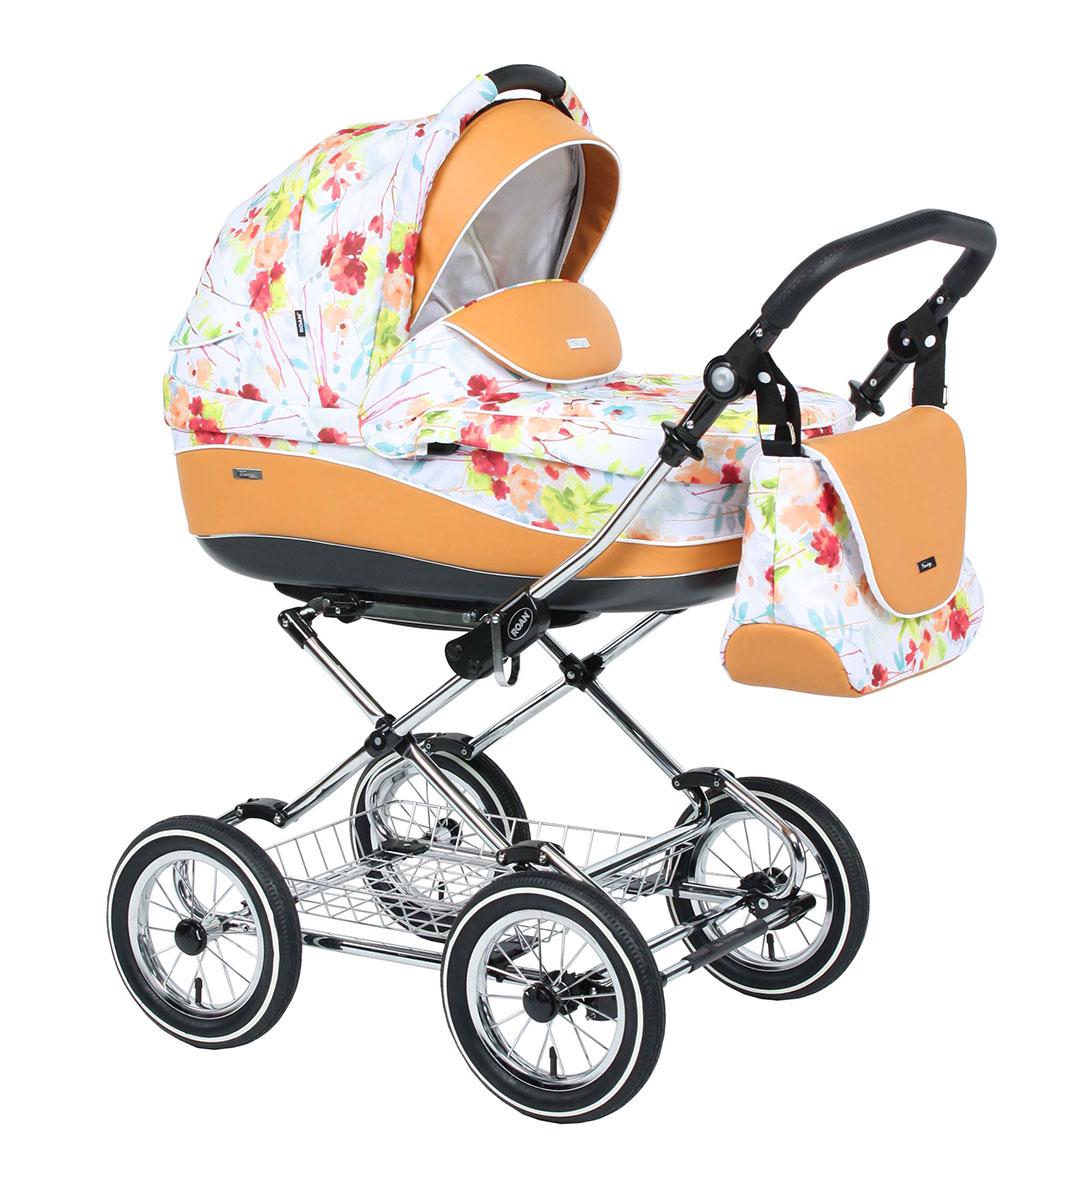 Детская коляска для новорожденных Roan Emma Classic 3 в 1, Роан Эмма Классик на крашенной раме и 12 дюймовых надувных или литых колесах. Элегантная и комфортная коляска 3в1 с мягкой подвеской, в комплекте с автокреслом для новорожденного малыша. Это детское автокресло ставится на шасси коляски Роан Эмма Классик. Удобно для мобильных родителей.